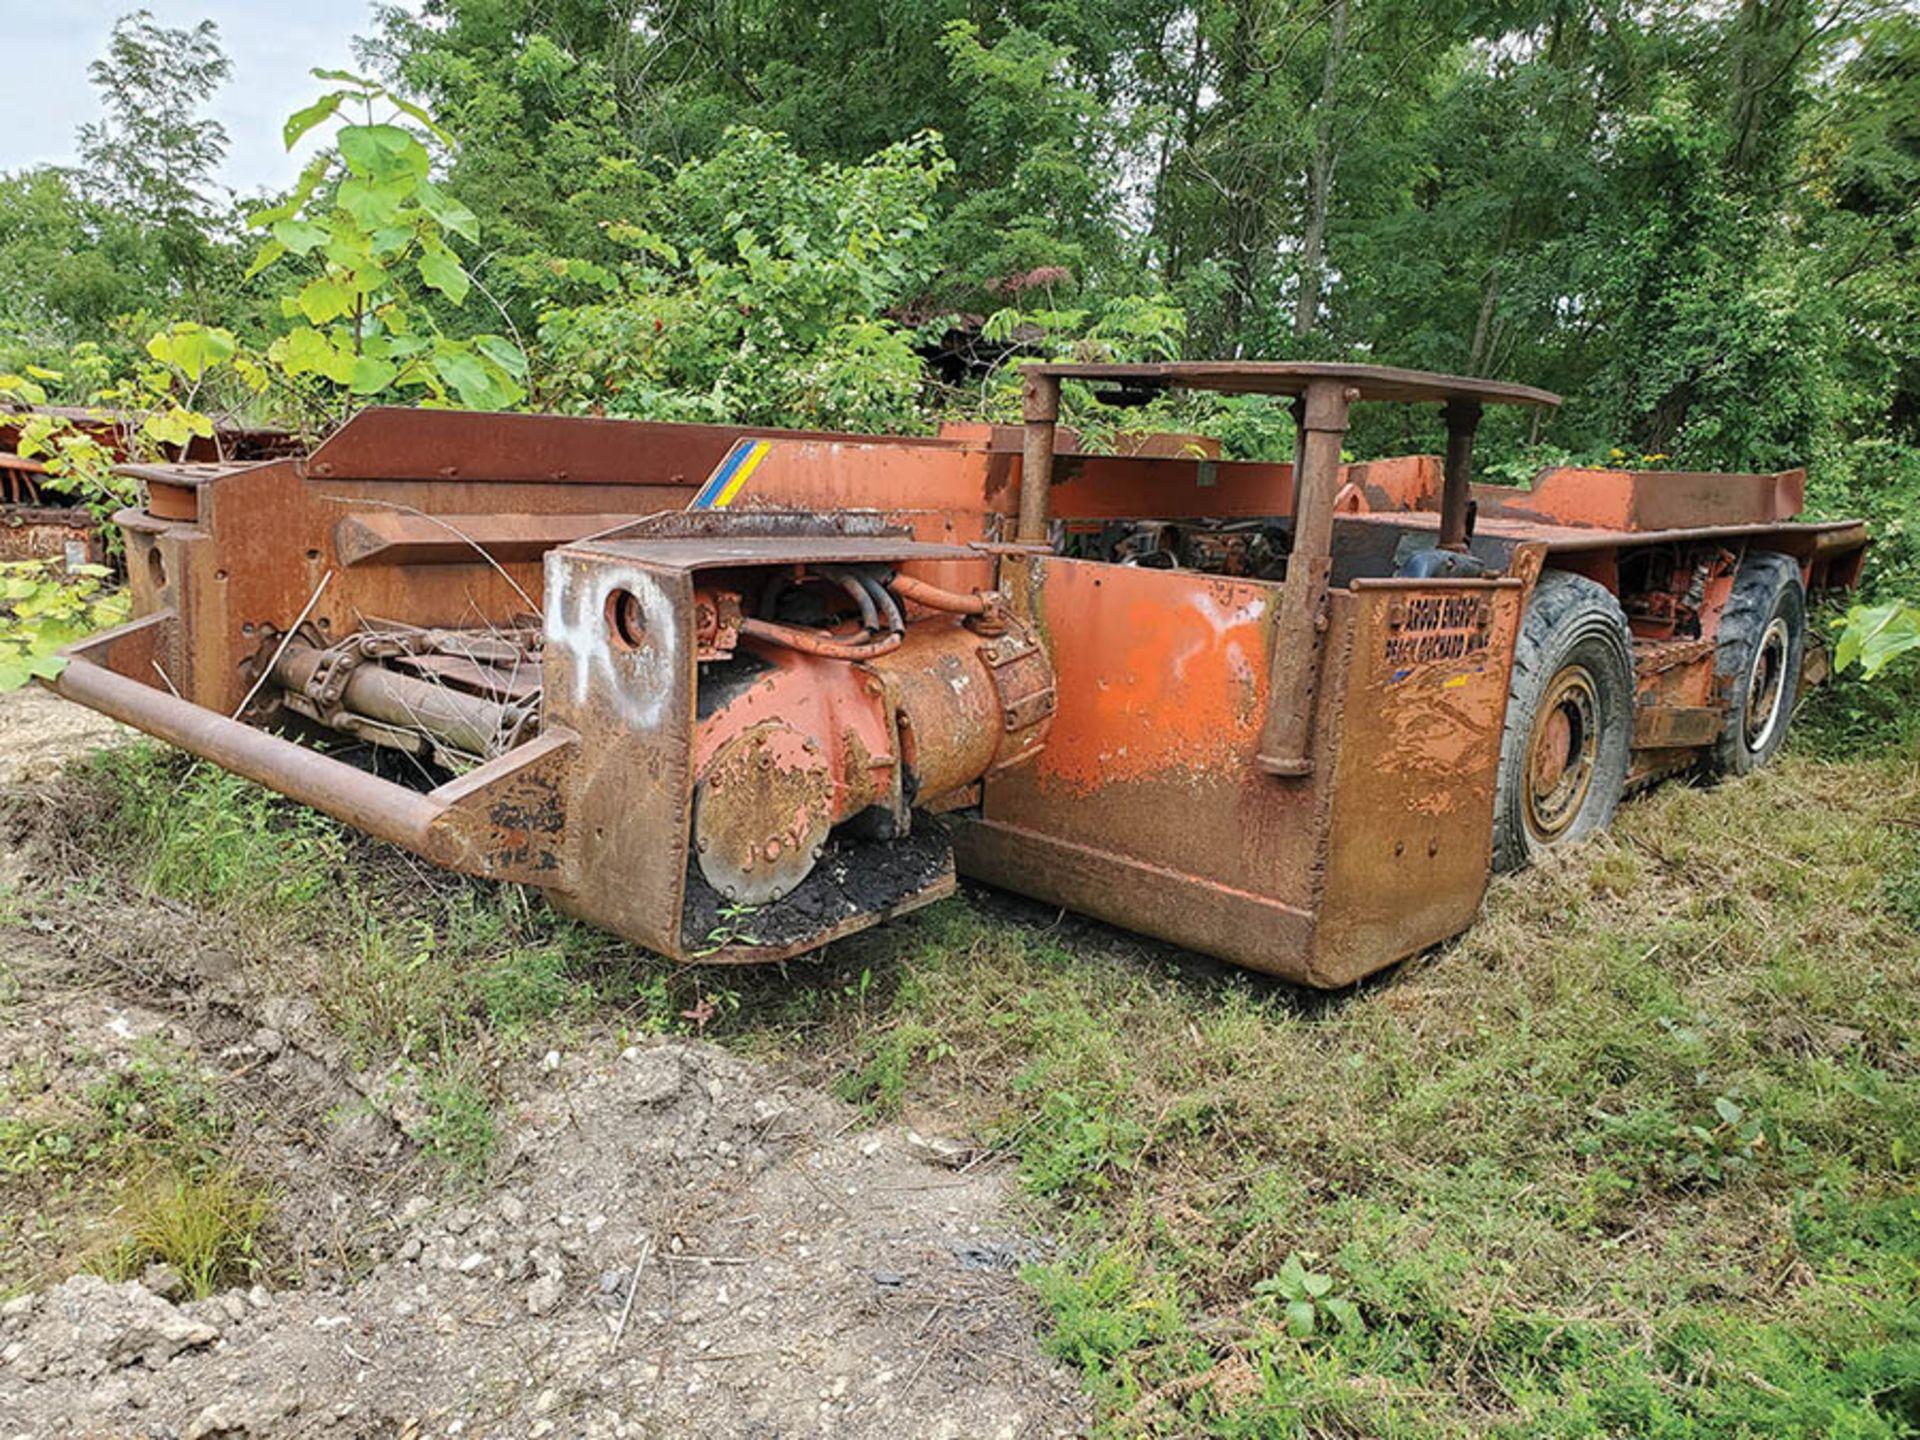 Lot 330 - JOY 10SC SHUTTLE CAR, S/N ET16401, LOCATION: CZAR SHOP